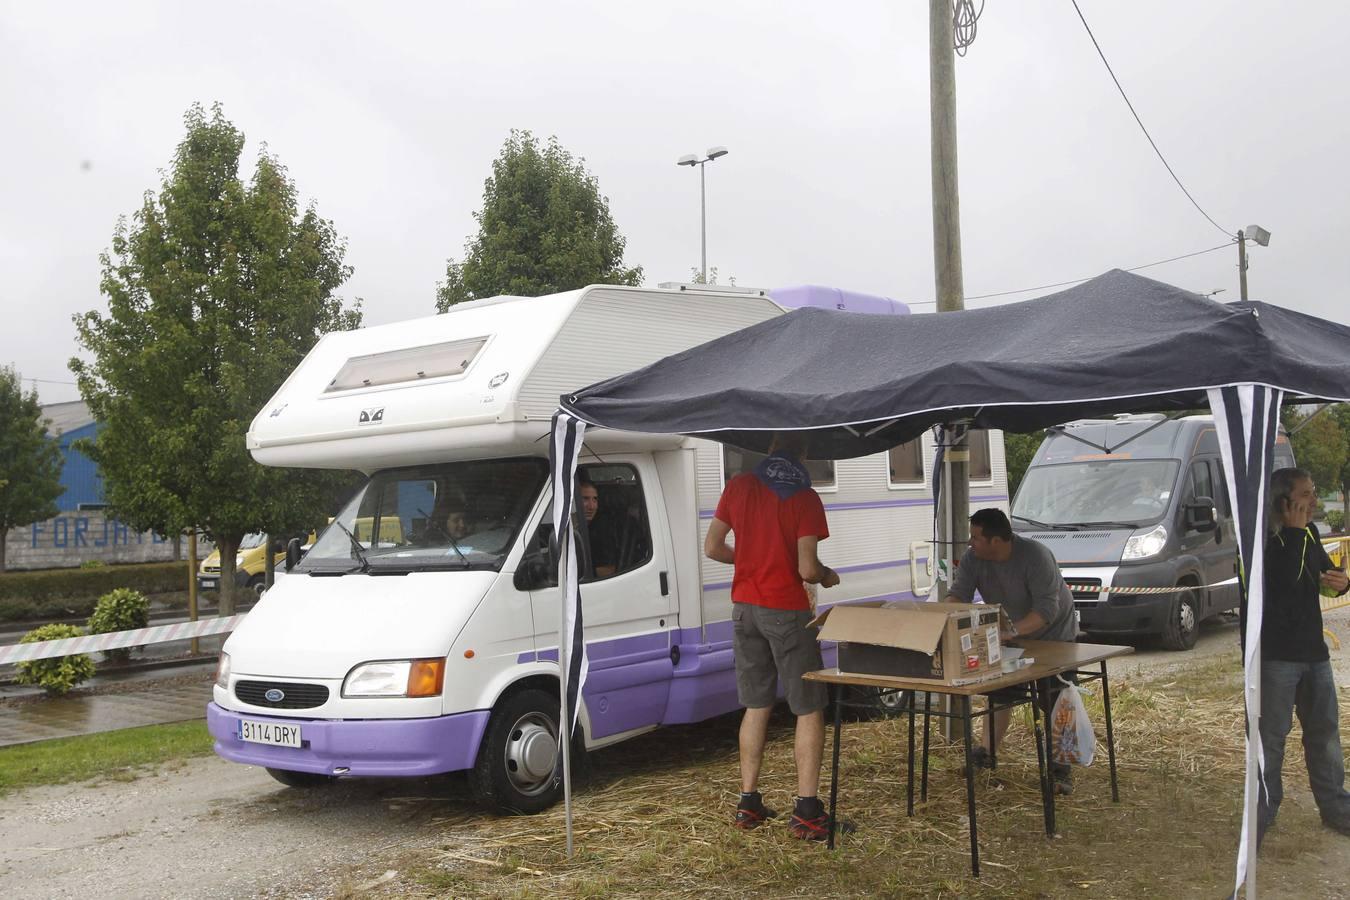 Más de cien furgonetas se darán cita en una 'quedada' en Torrelavega